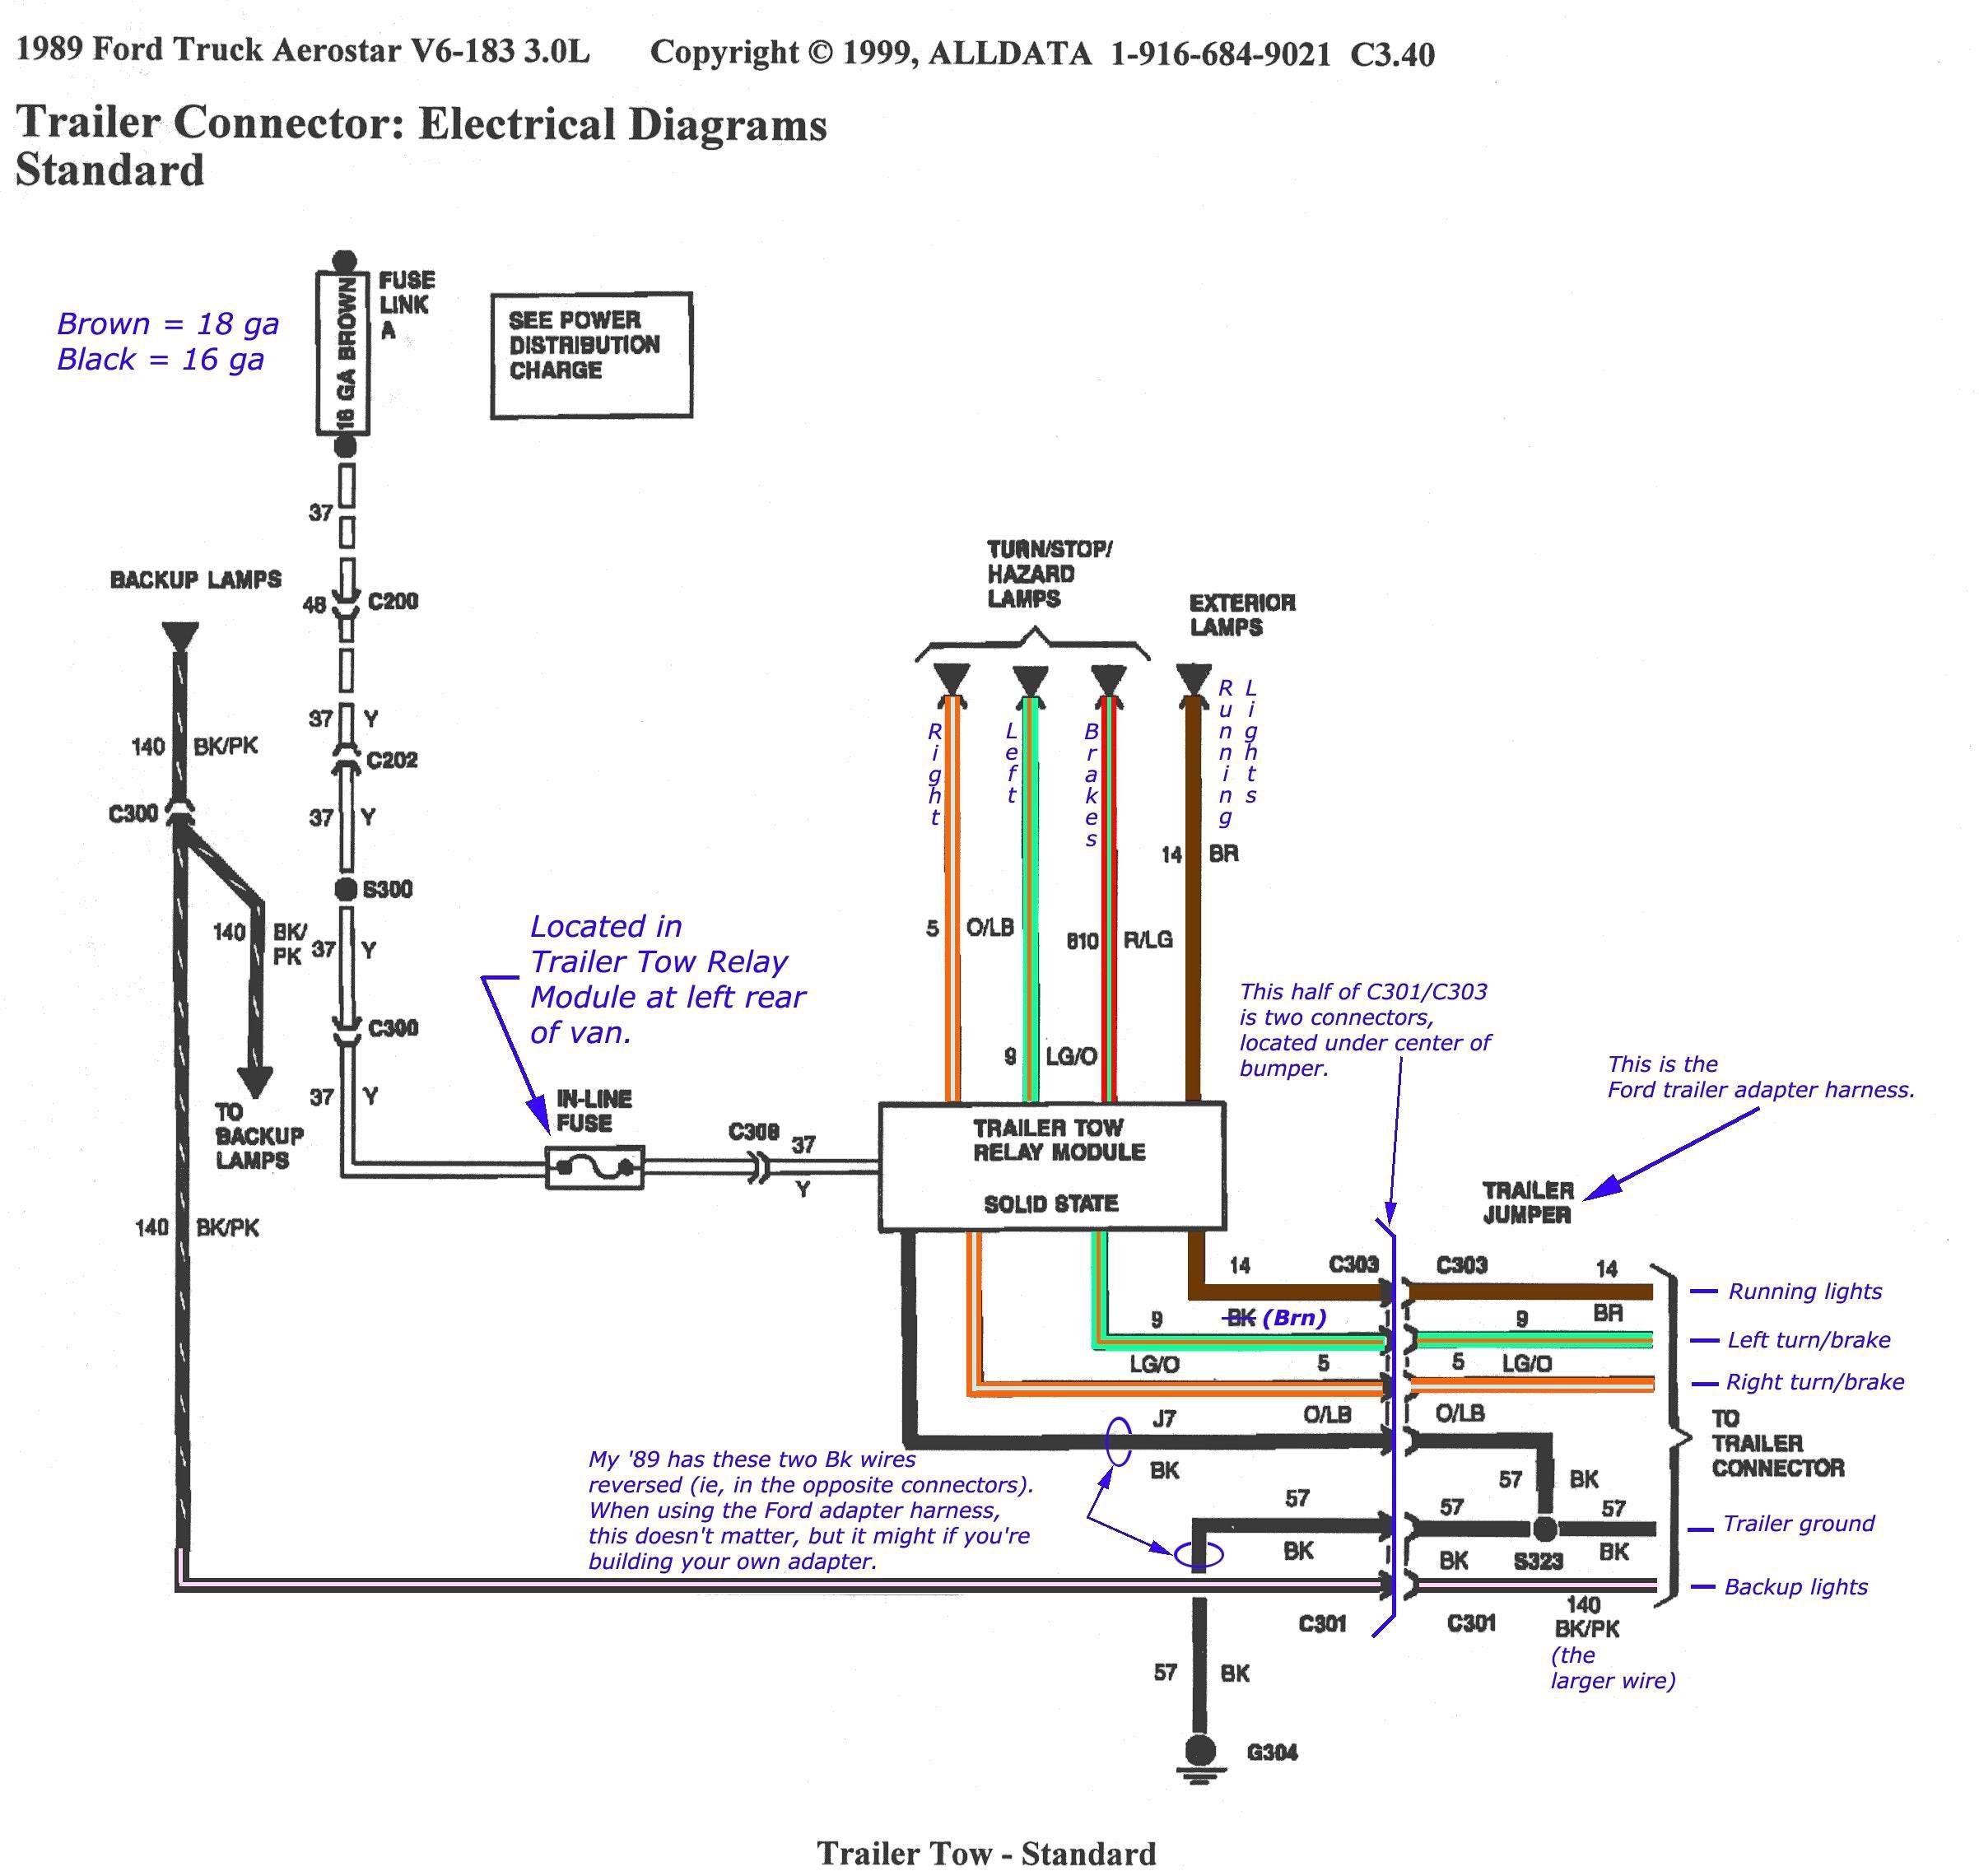 Wiring Diagram 1992 Ranger Boat - Wiring Diagram M2 on